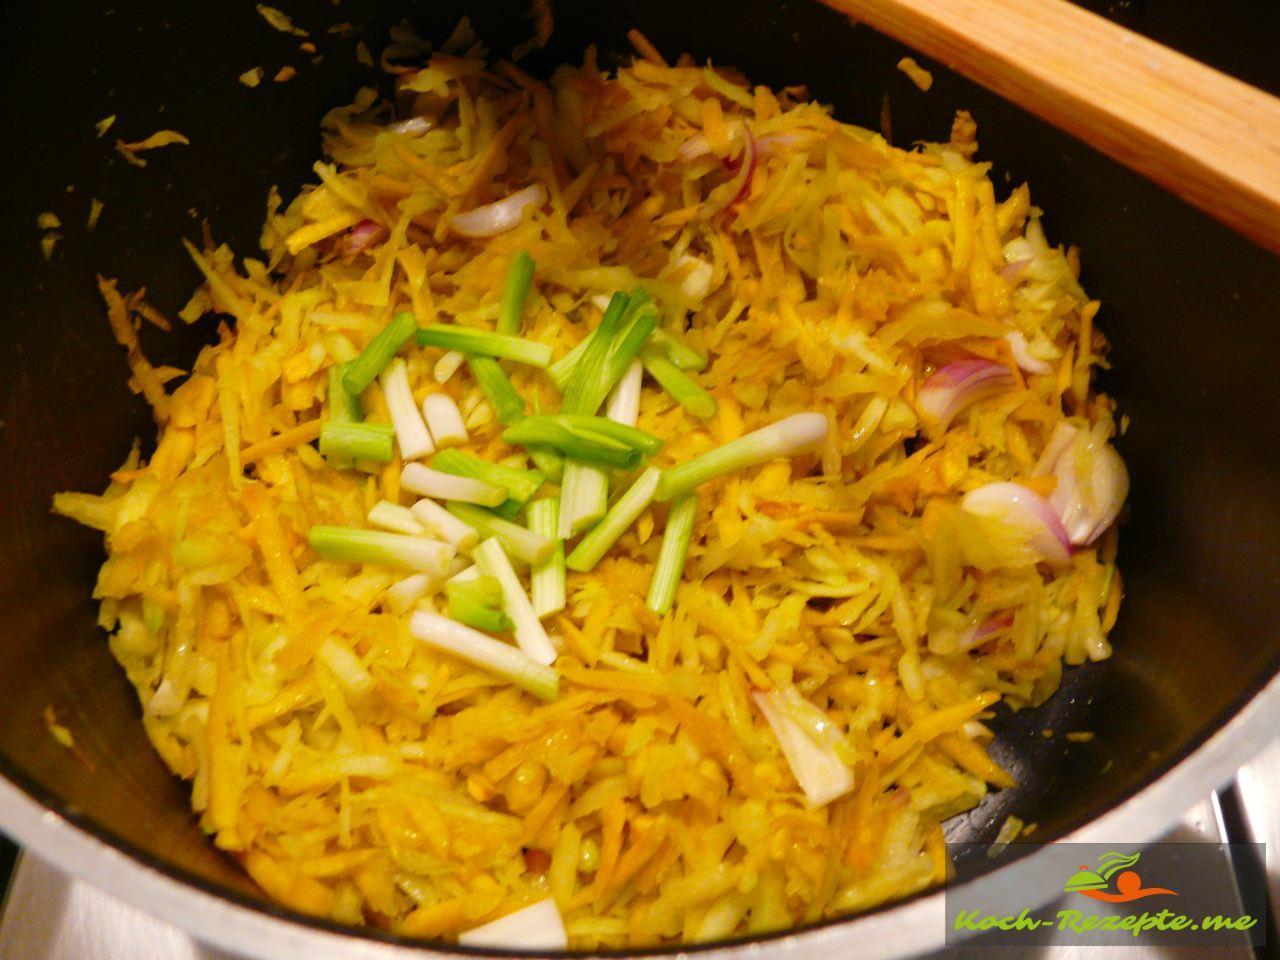 Thai Rezept Gemüse Nudeln Garnelen, Frühlingszwiebel dazu